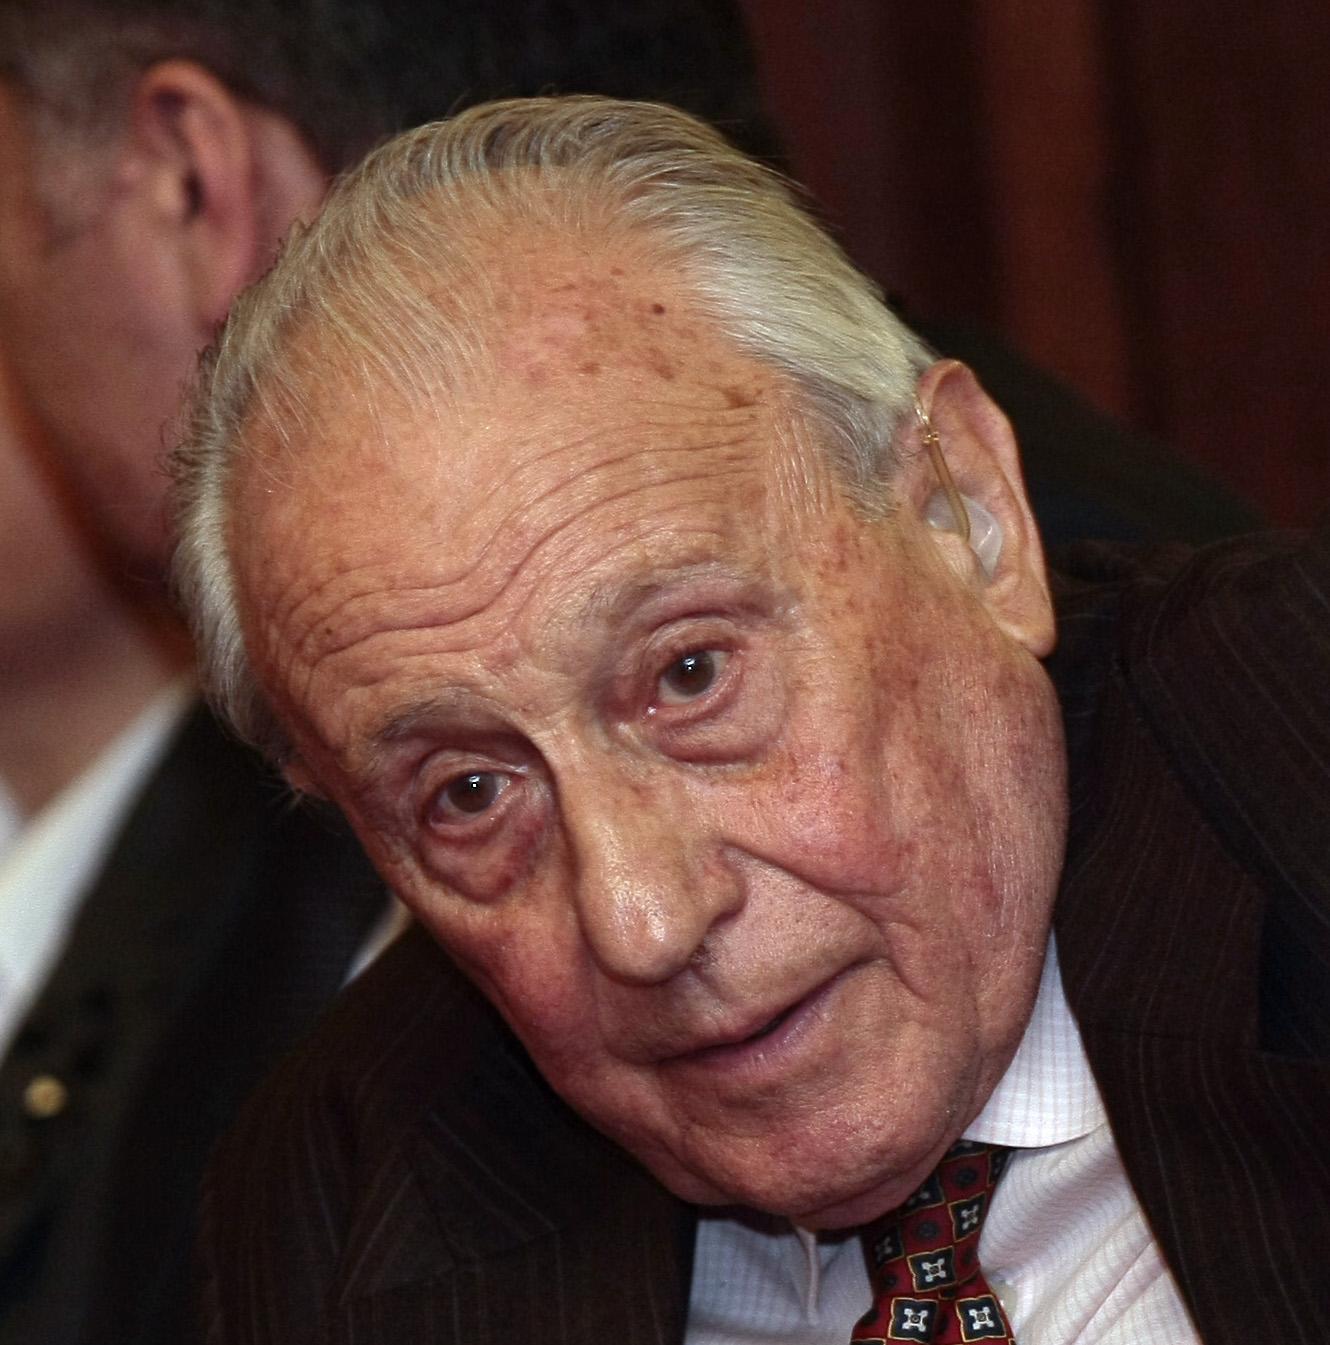 Васил Гоцев (1929-2018)<br /> На 21 ноември се простихме с българския юрист и политик Васил Гоцев. Той е избиран три пъти за народен представител, дълги години беше конституционен съдия. Бил е министър на правосъдието и правната евроинтеграция в правителството на Иван Костов (1997 - 2001 г.) През следващите десет години е съдия в Конституционния съд.